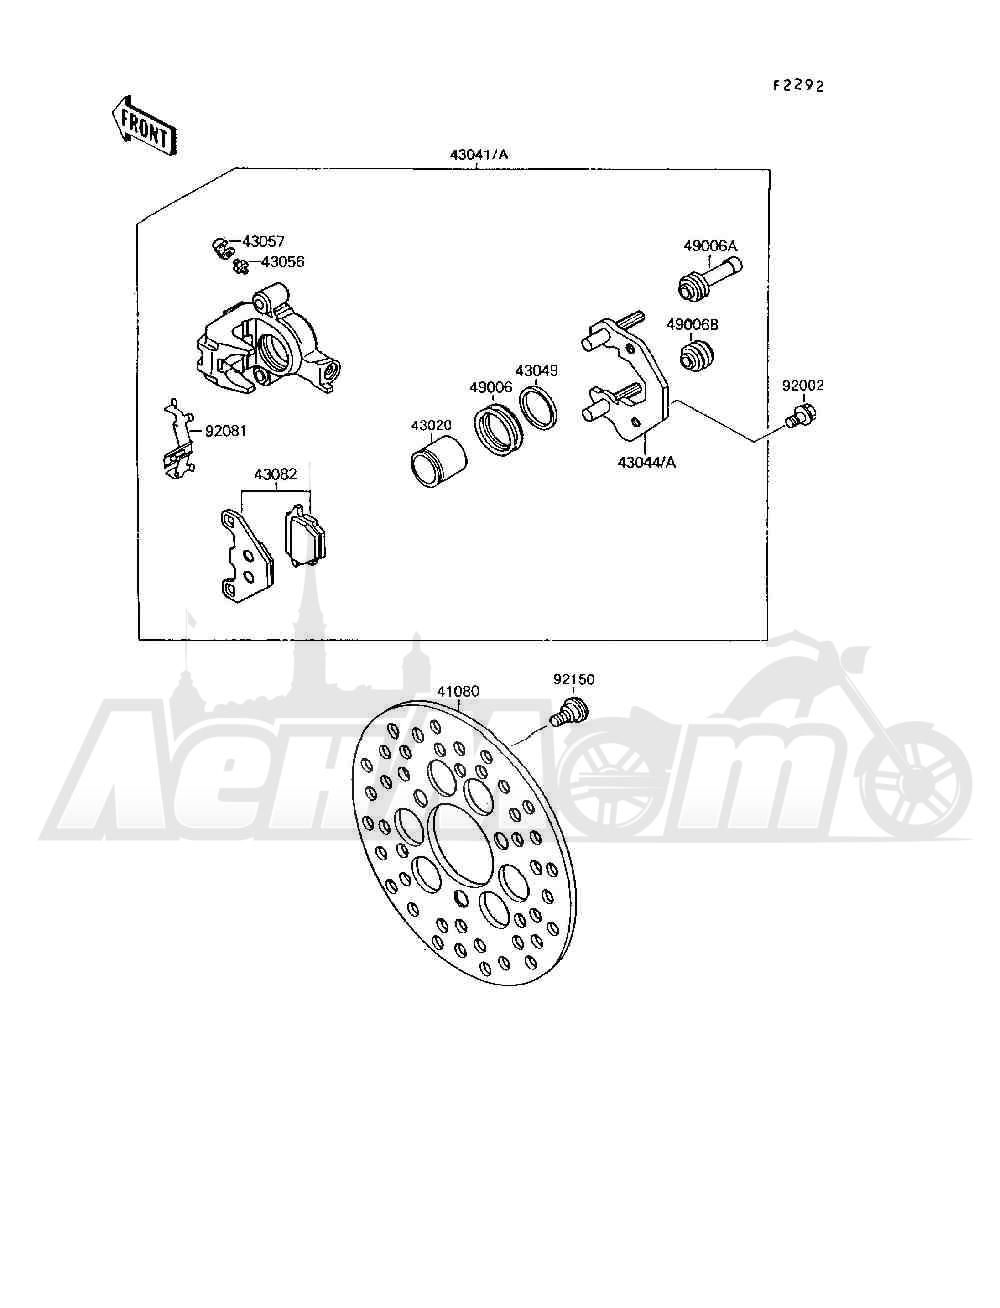 Запчасти для Квадроцикла Kawasaki 1994 MOJAVE 250 (KSF250-A8) Раздел: FRONT BRAKE | передний тормоз